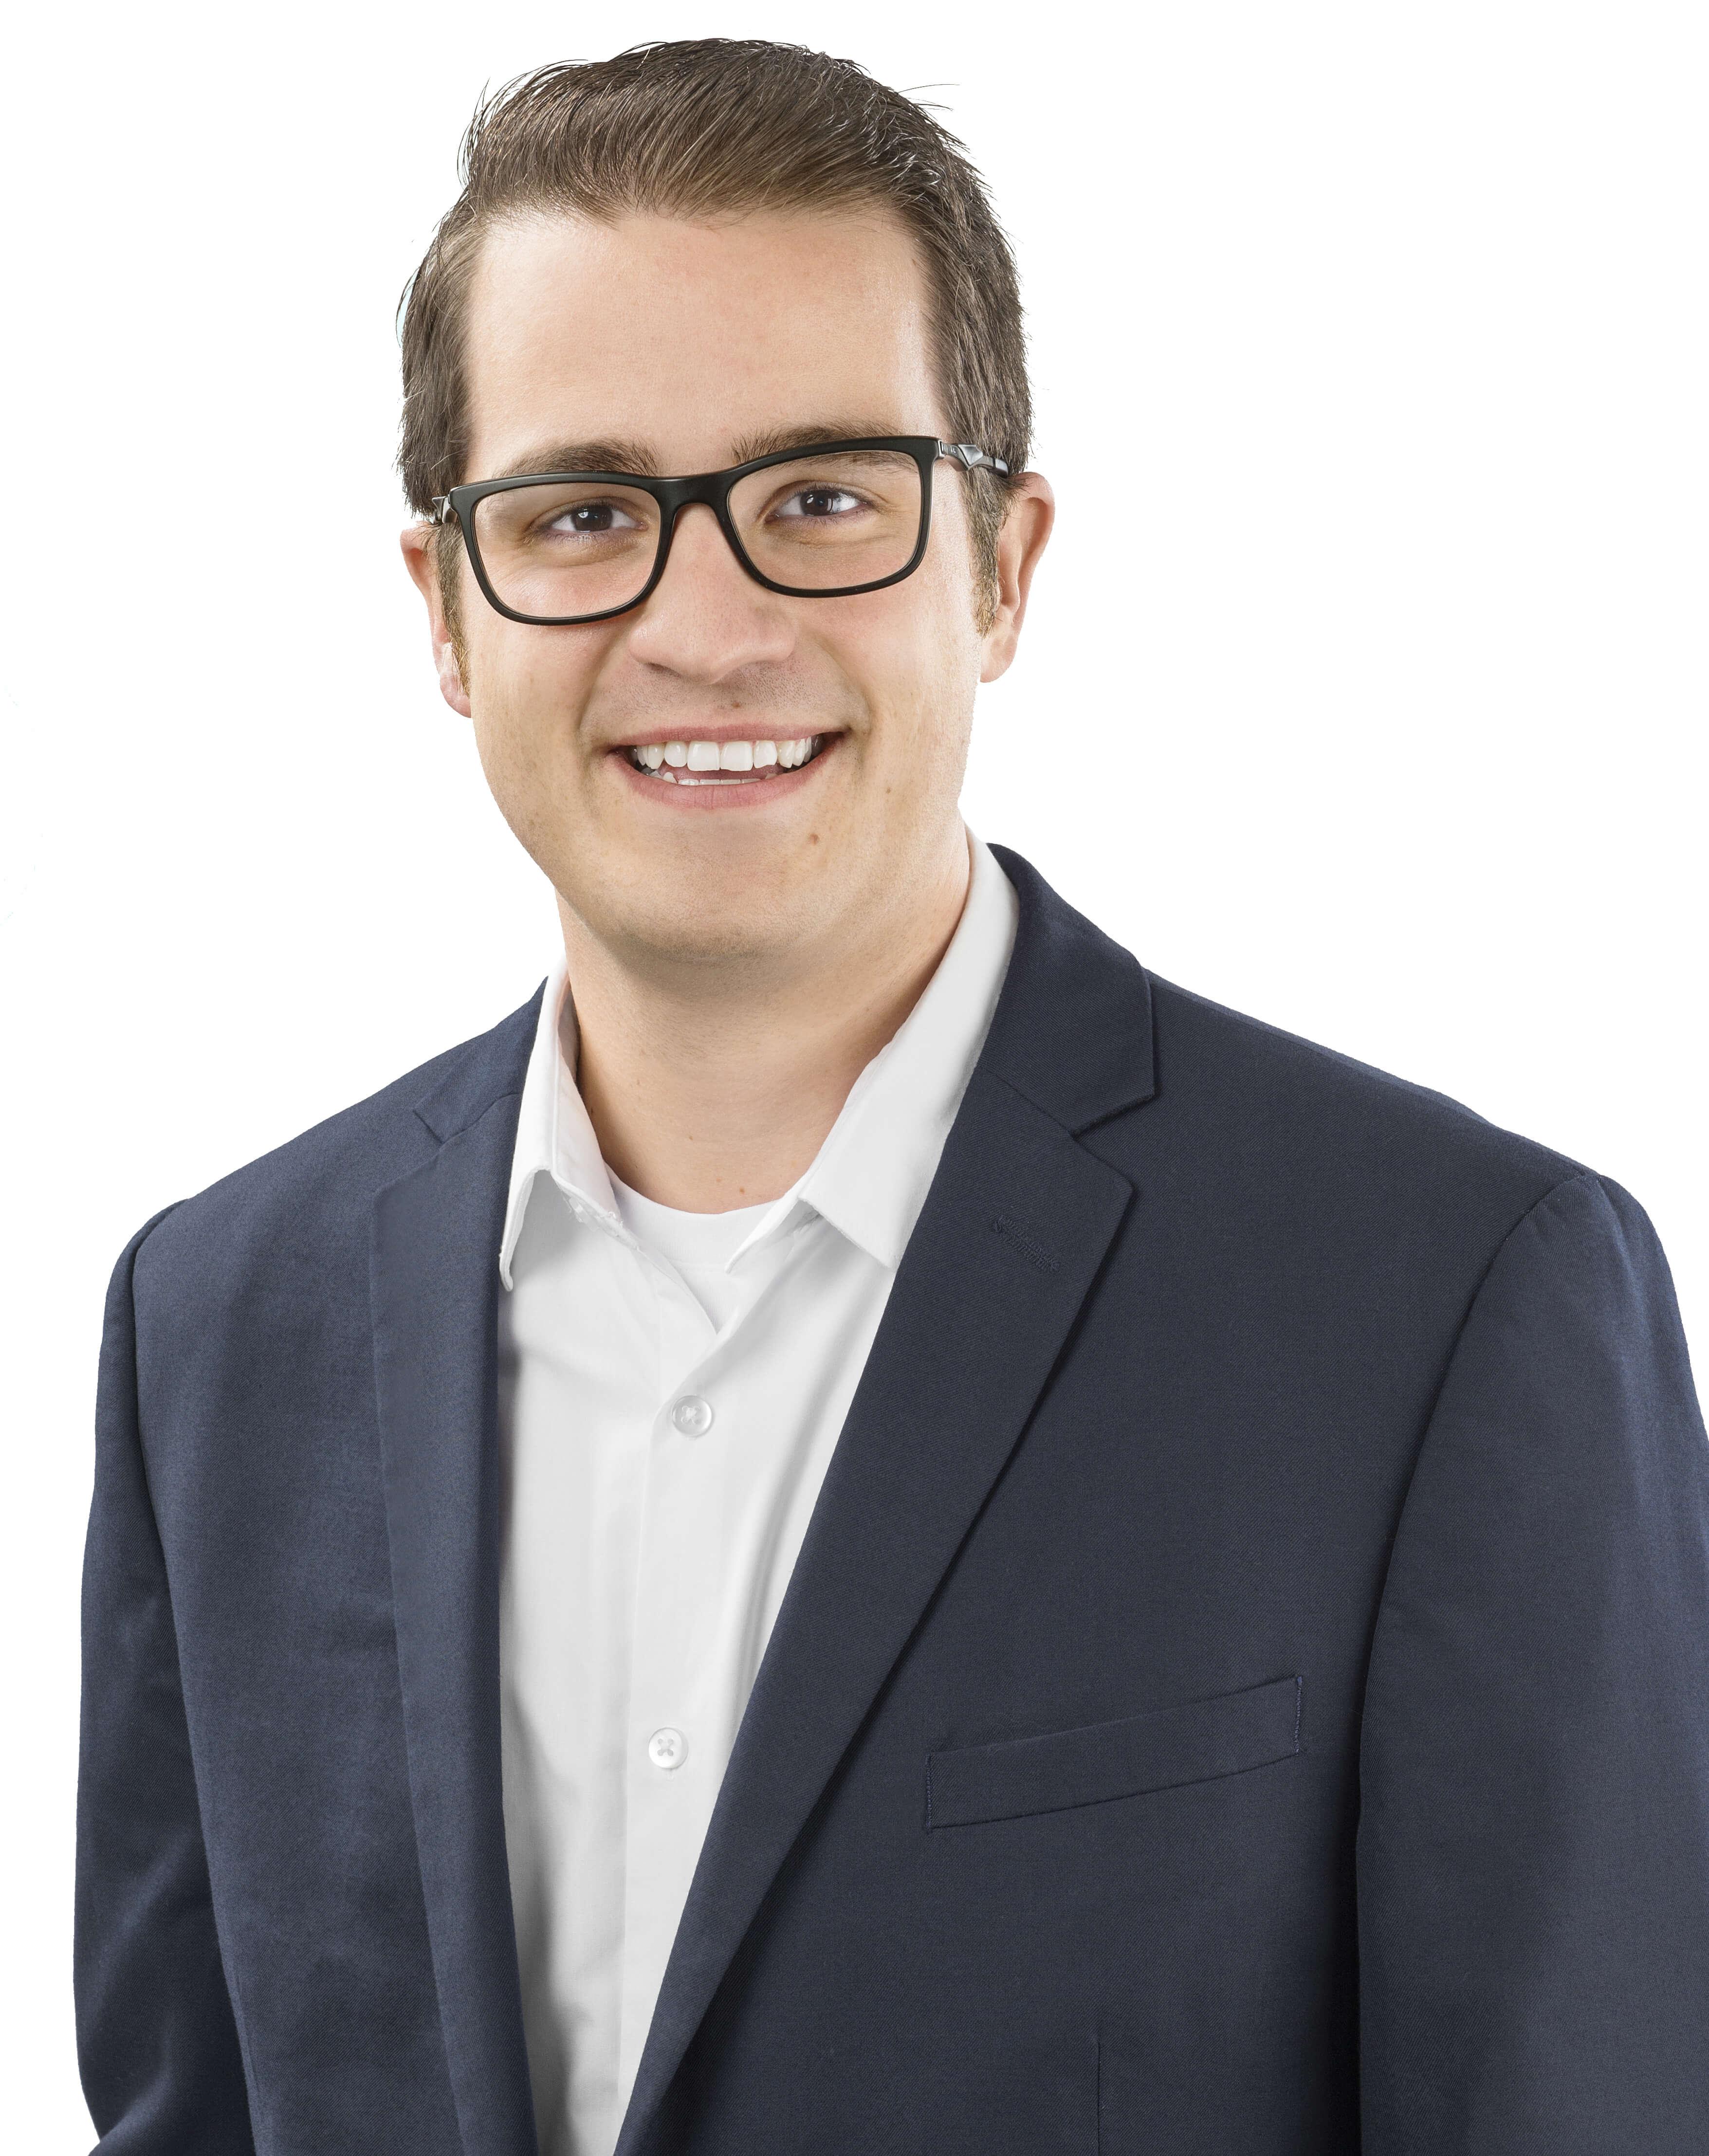 Daniel Wagner klein